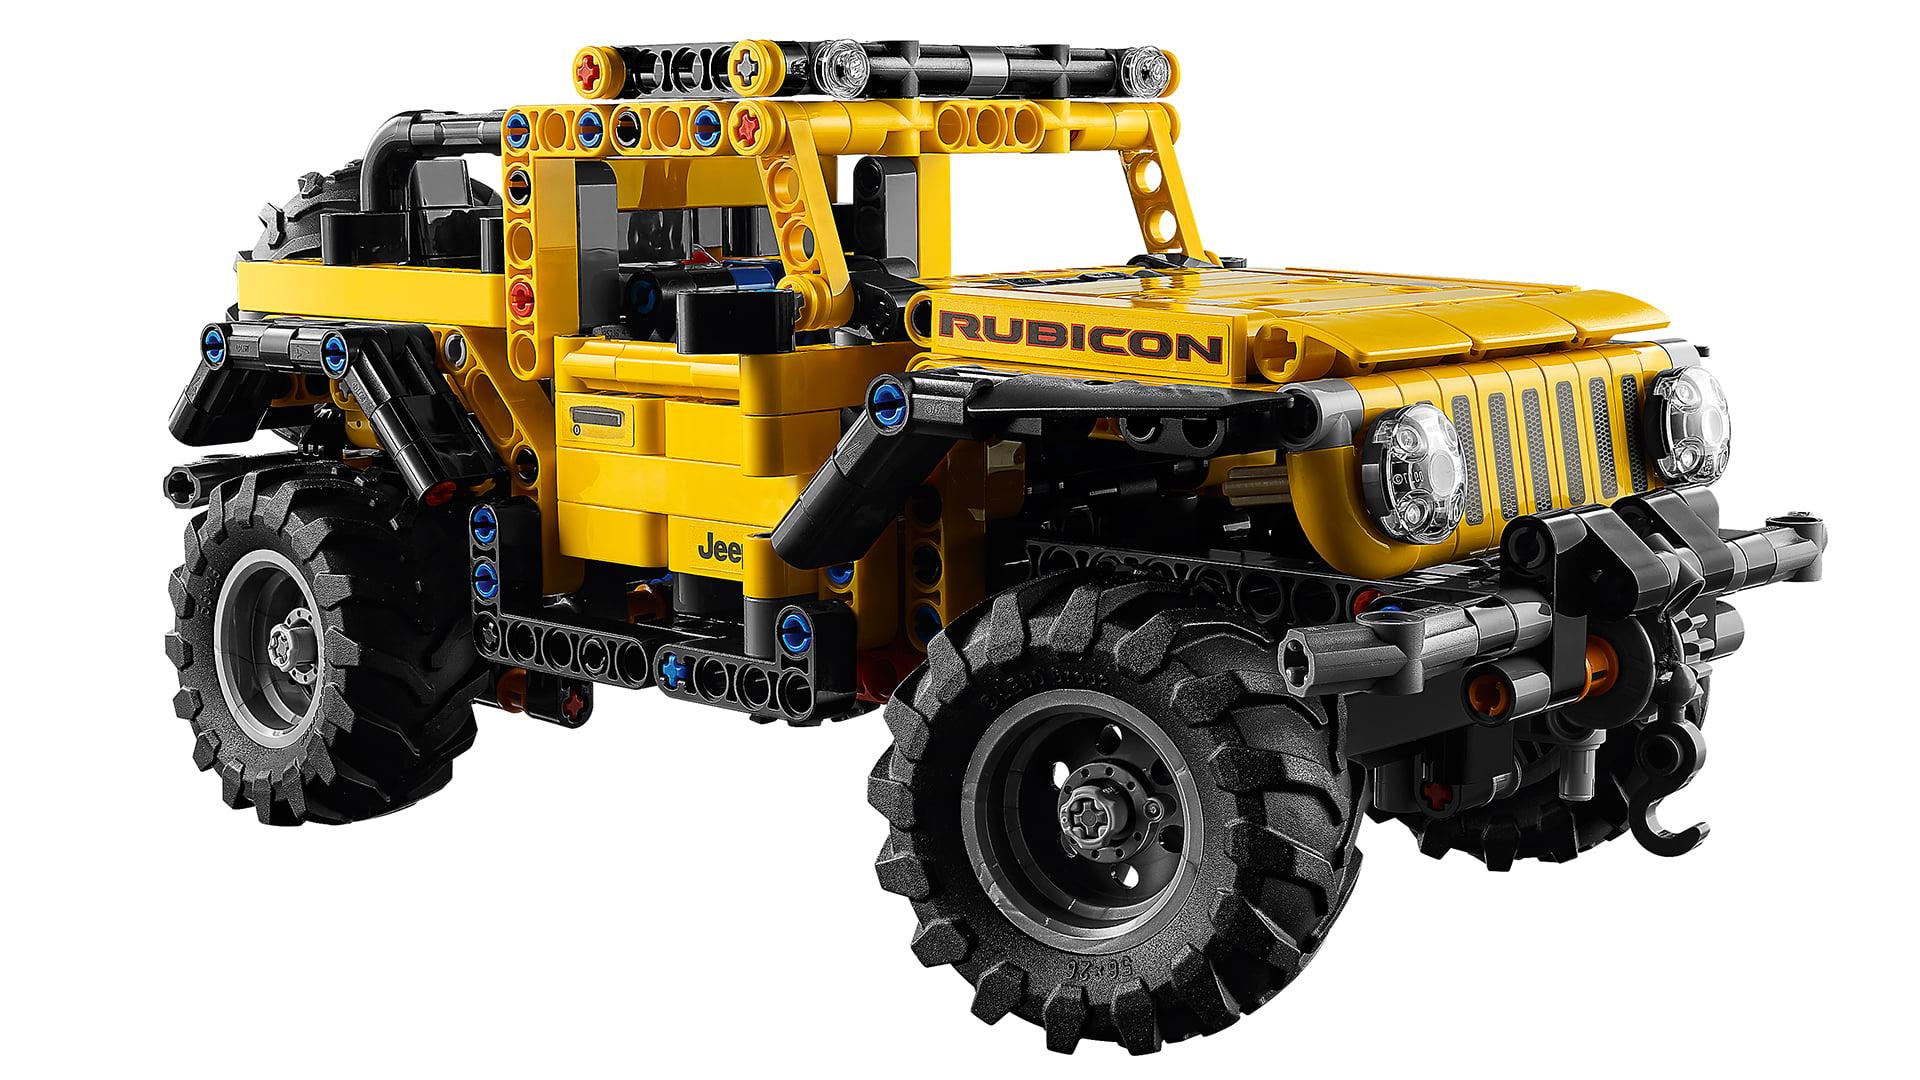 LEGO y Jeep se han unido para crear una gran reproducción del Wrangler